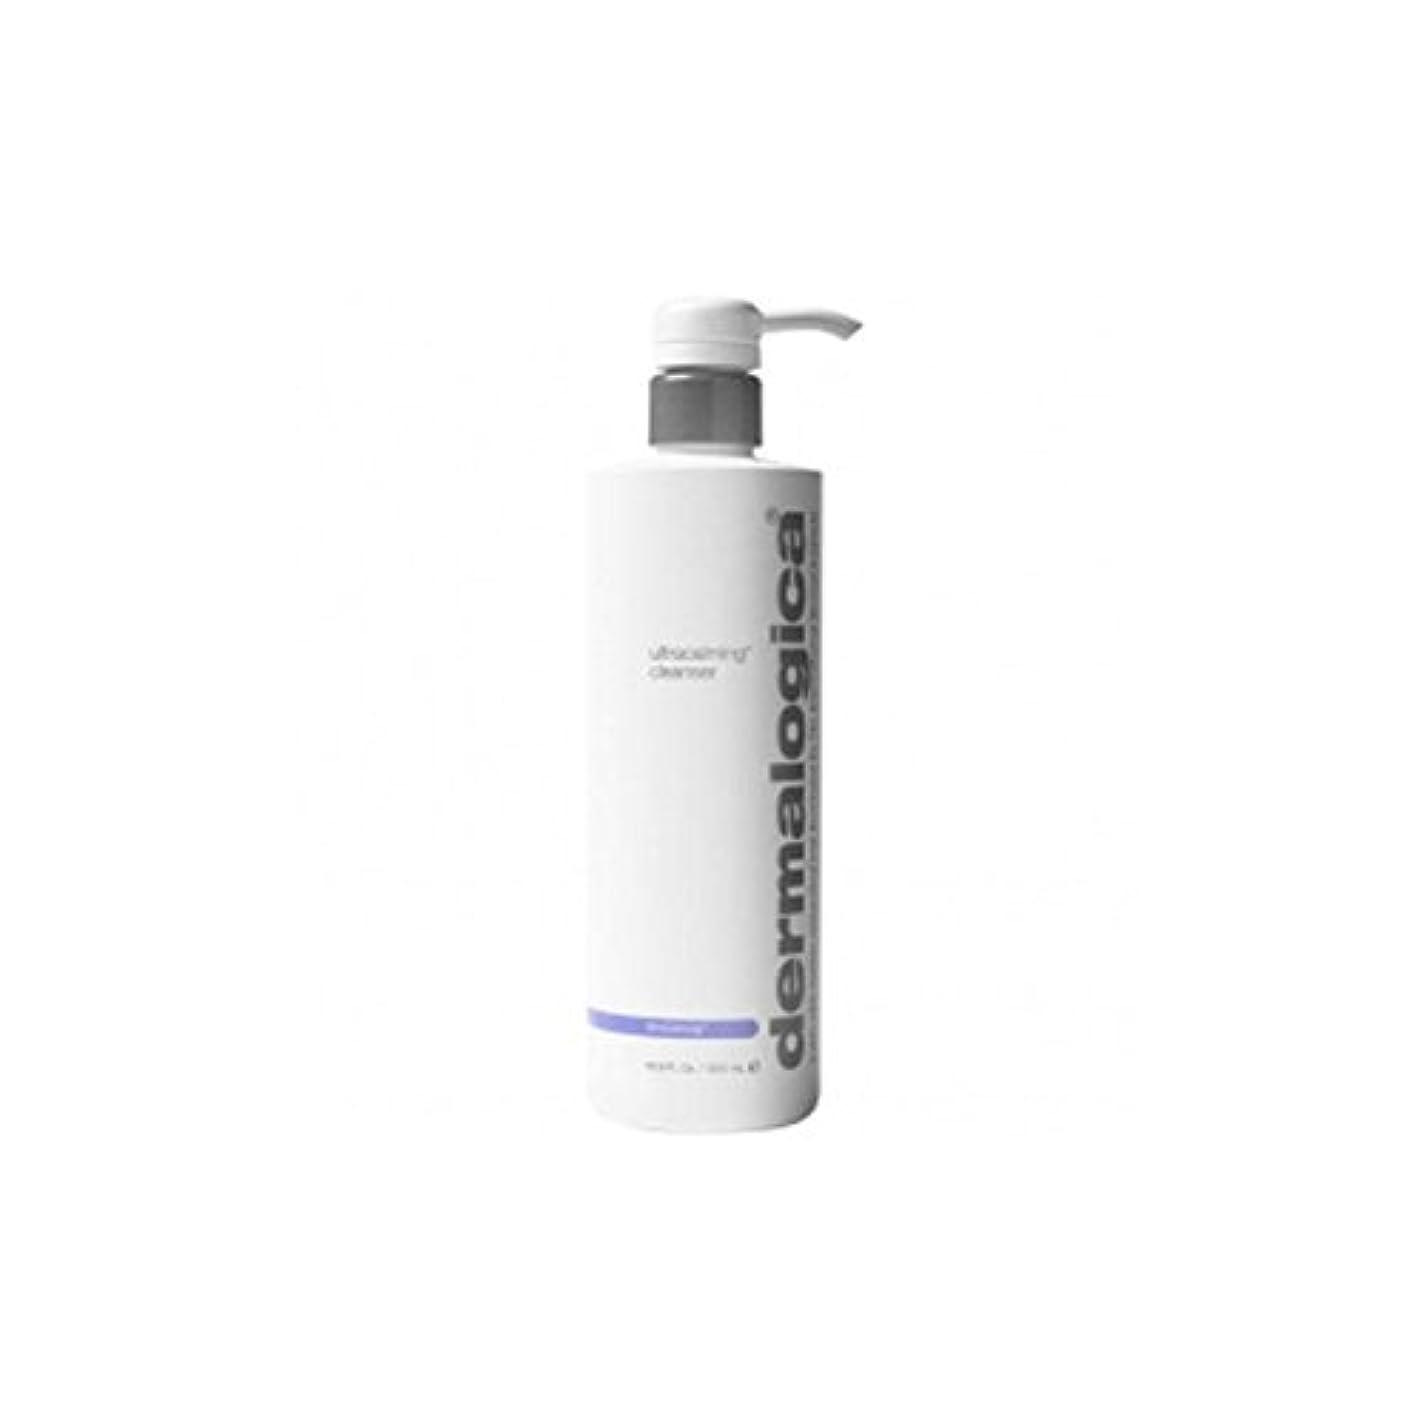 不正吐く失望させるDermalogica Ultracalming Cleanser (500ml) (Pack of 6) - ダーマロジカクレンザー(500ミリリットル) x6 [並行輸入品]